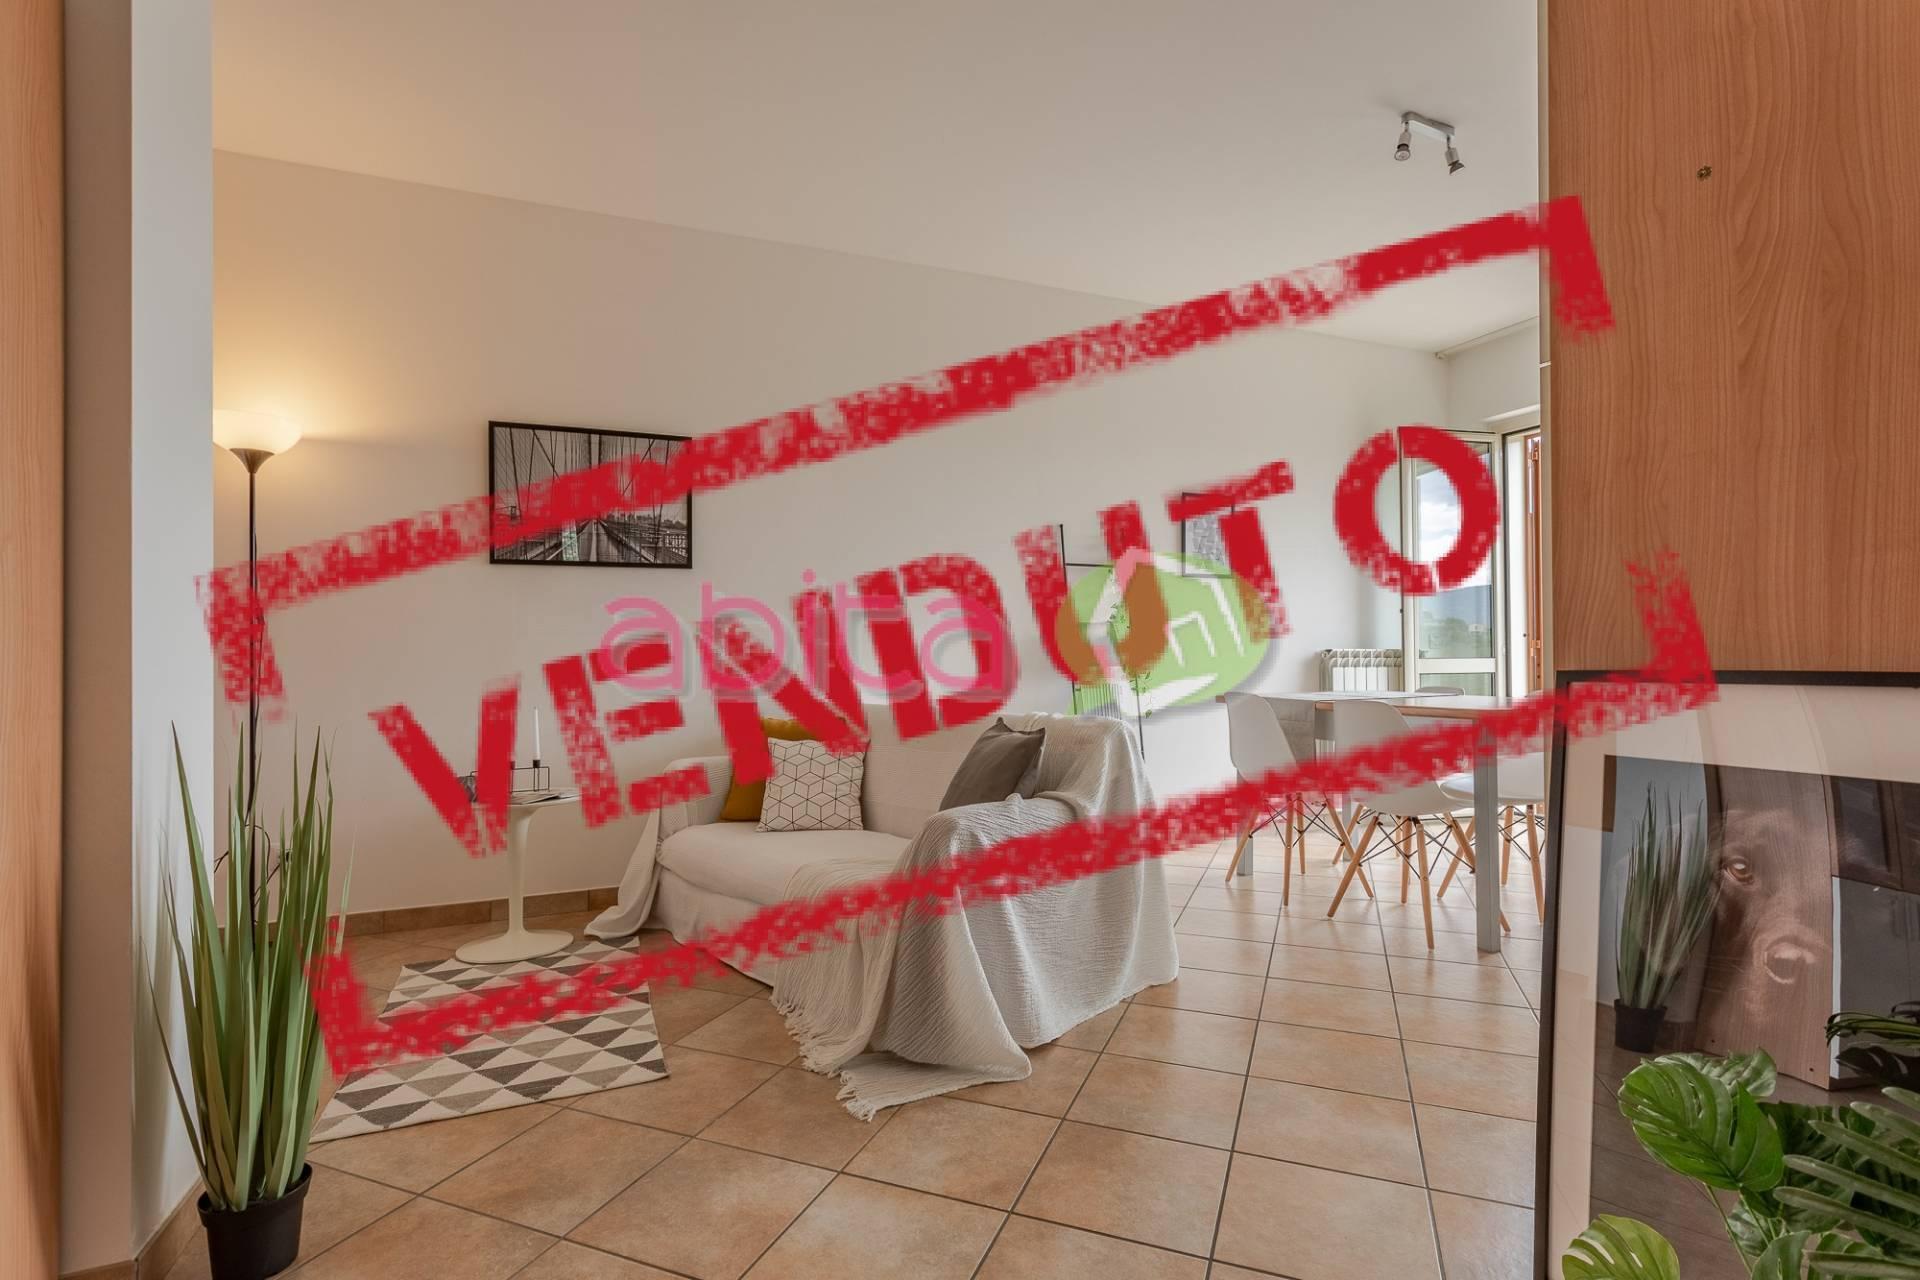 Appartamento in vendita a Castel di Lama, 3 locali, zona Zona: Piattoni, prezzo € 95.000 | CambioCasa.it